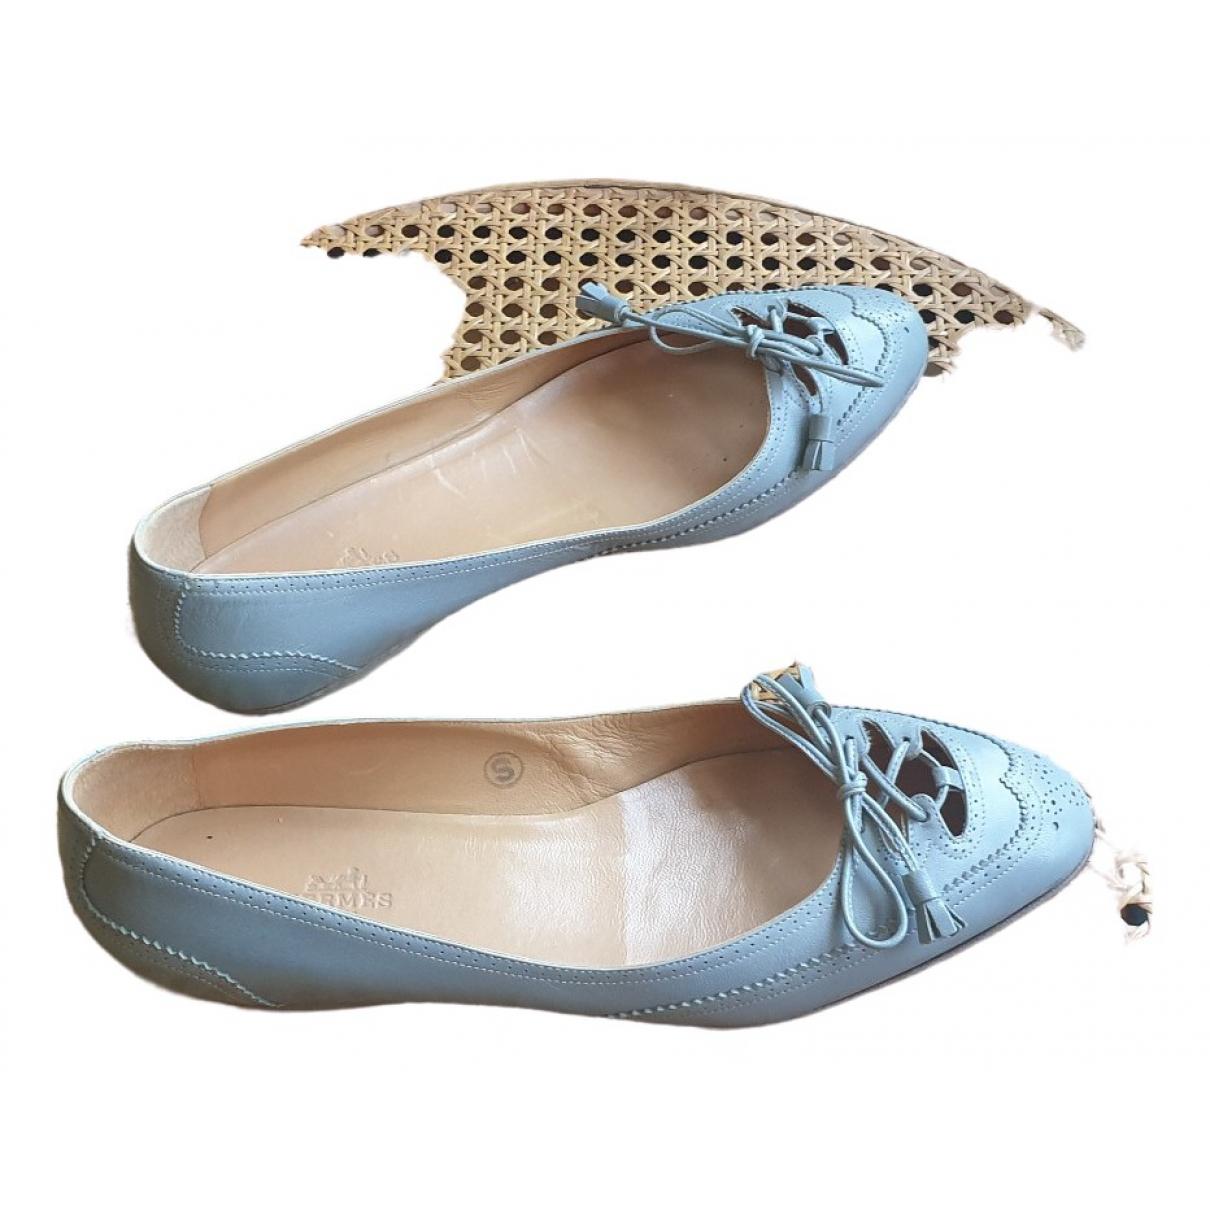 Hermes \N Ballerinas in  Blau Leder